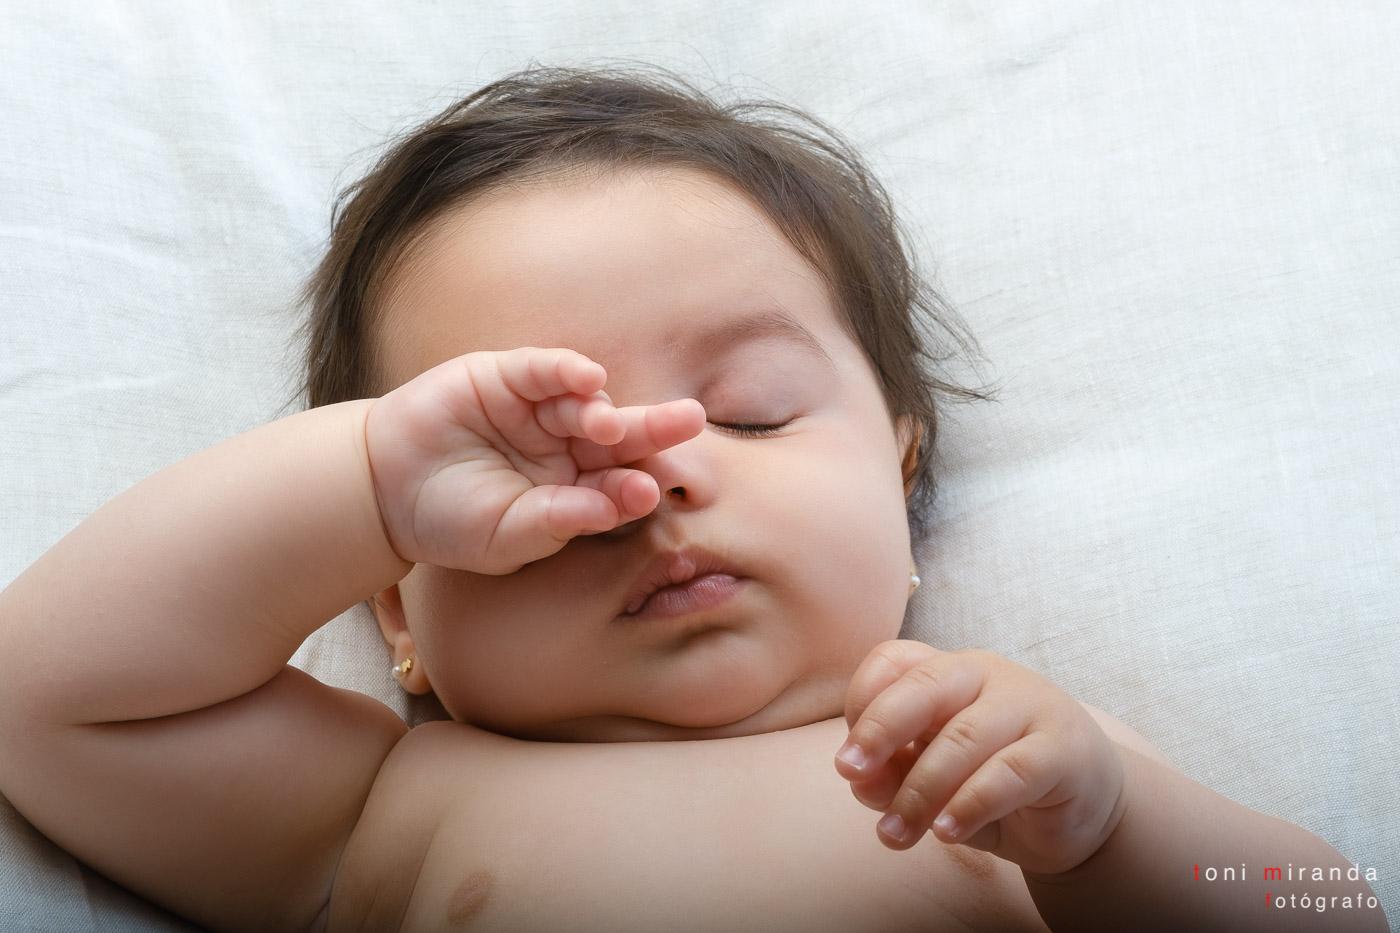 Bebe durmiendo en sesion fotografica